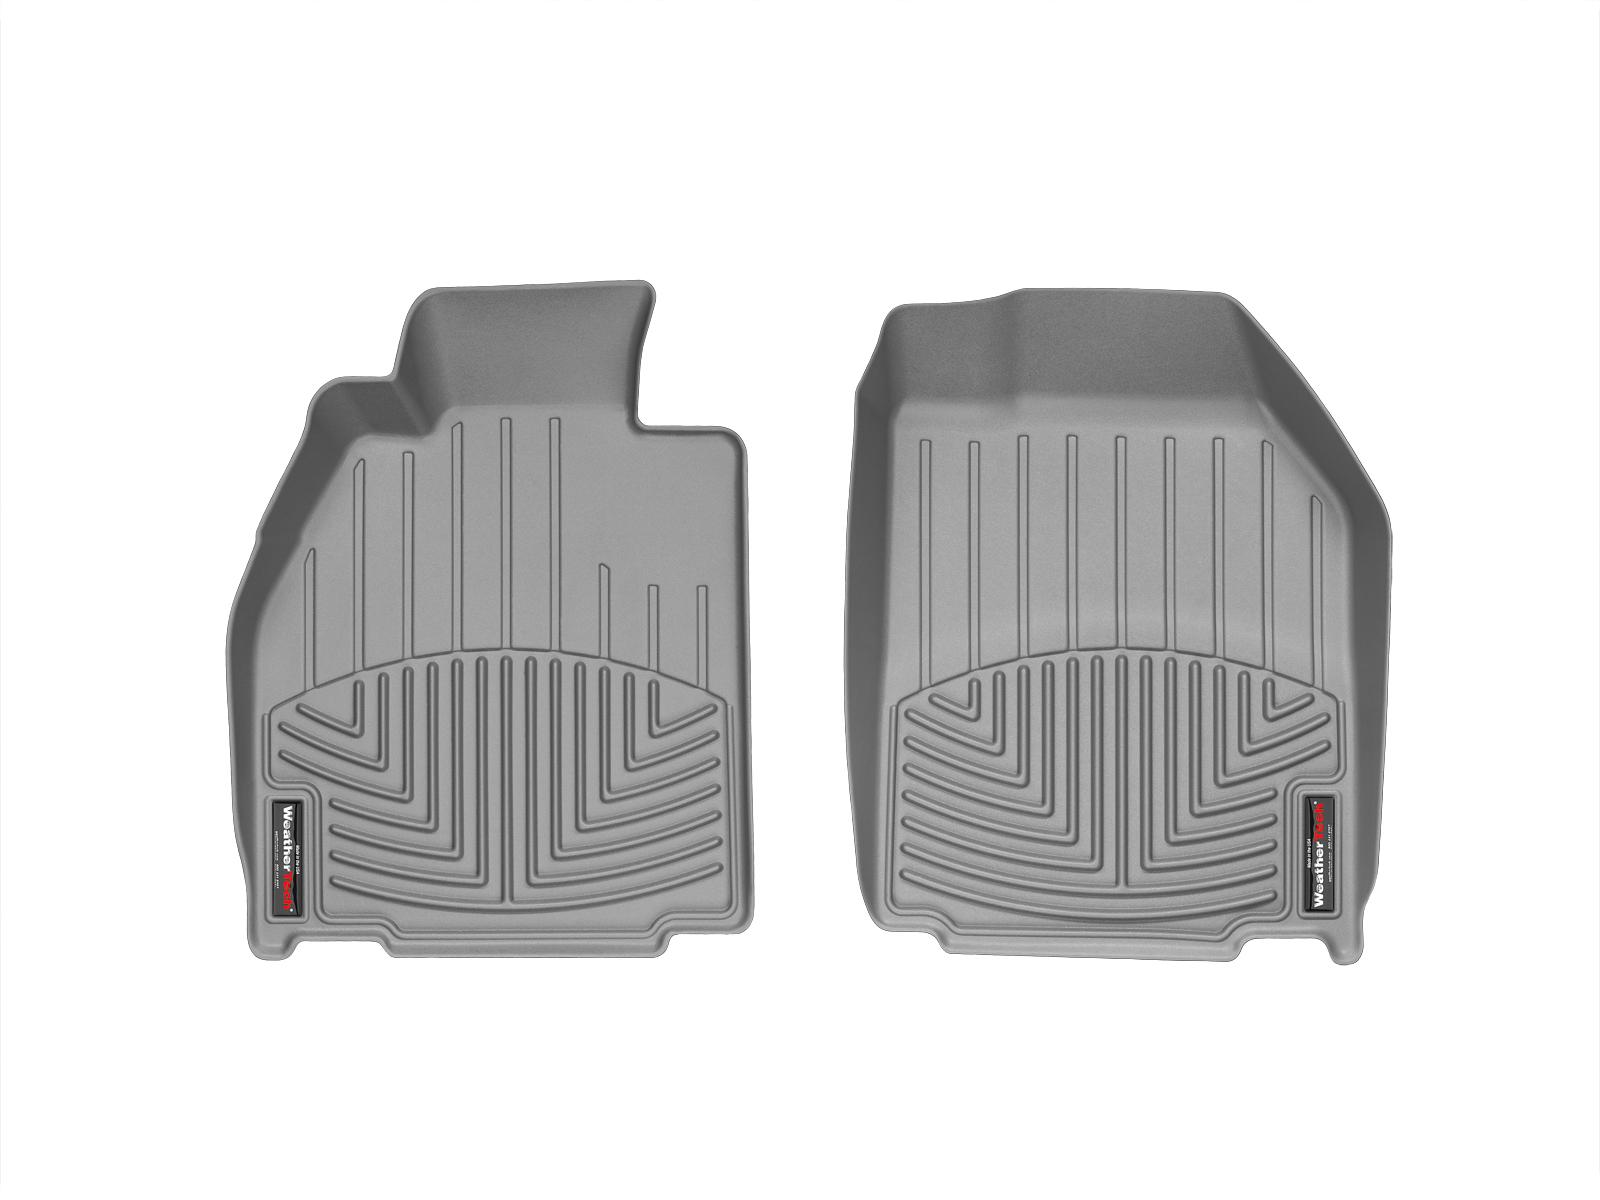 Tappeti gomma su misura bordo alto Porsche® Boxster® 05>12 Grigio A3089